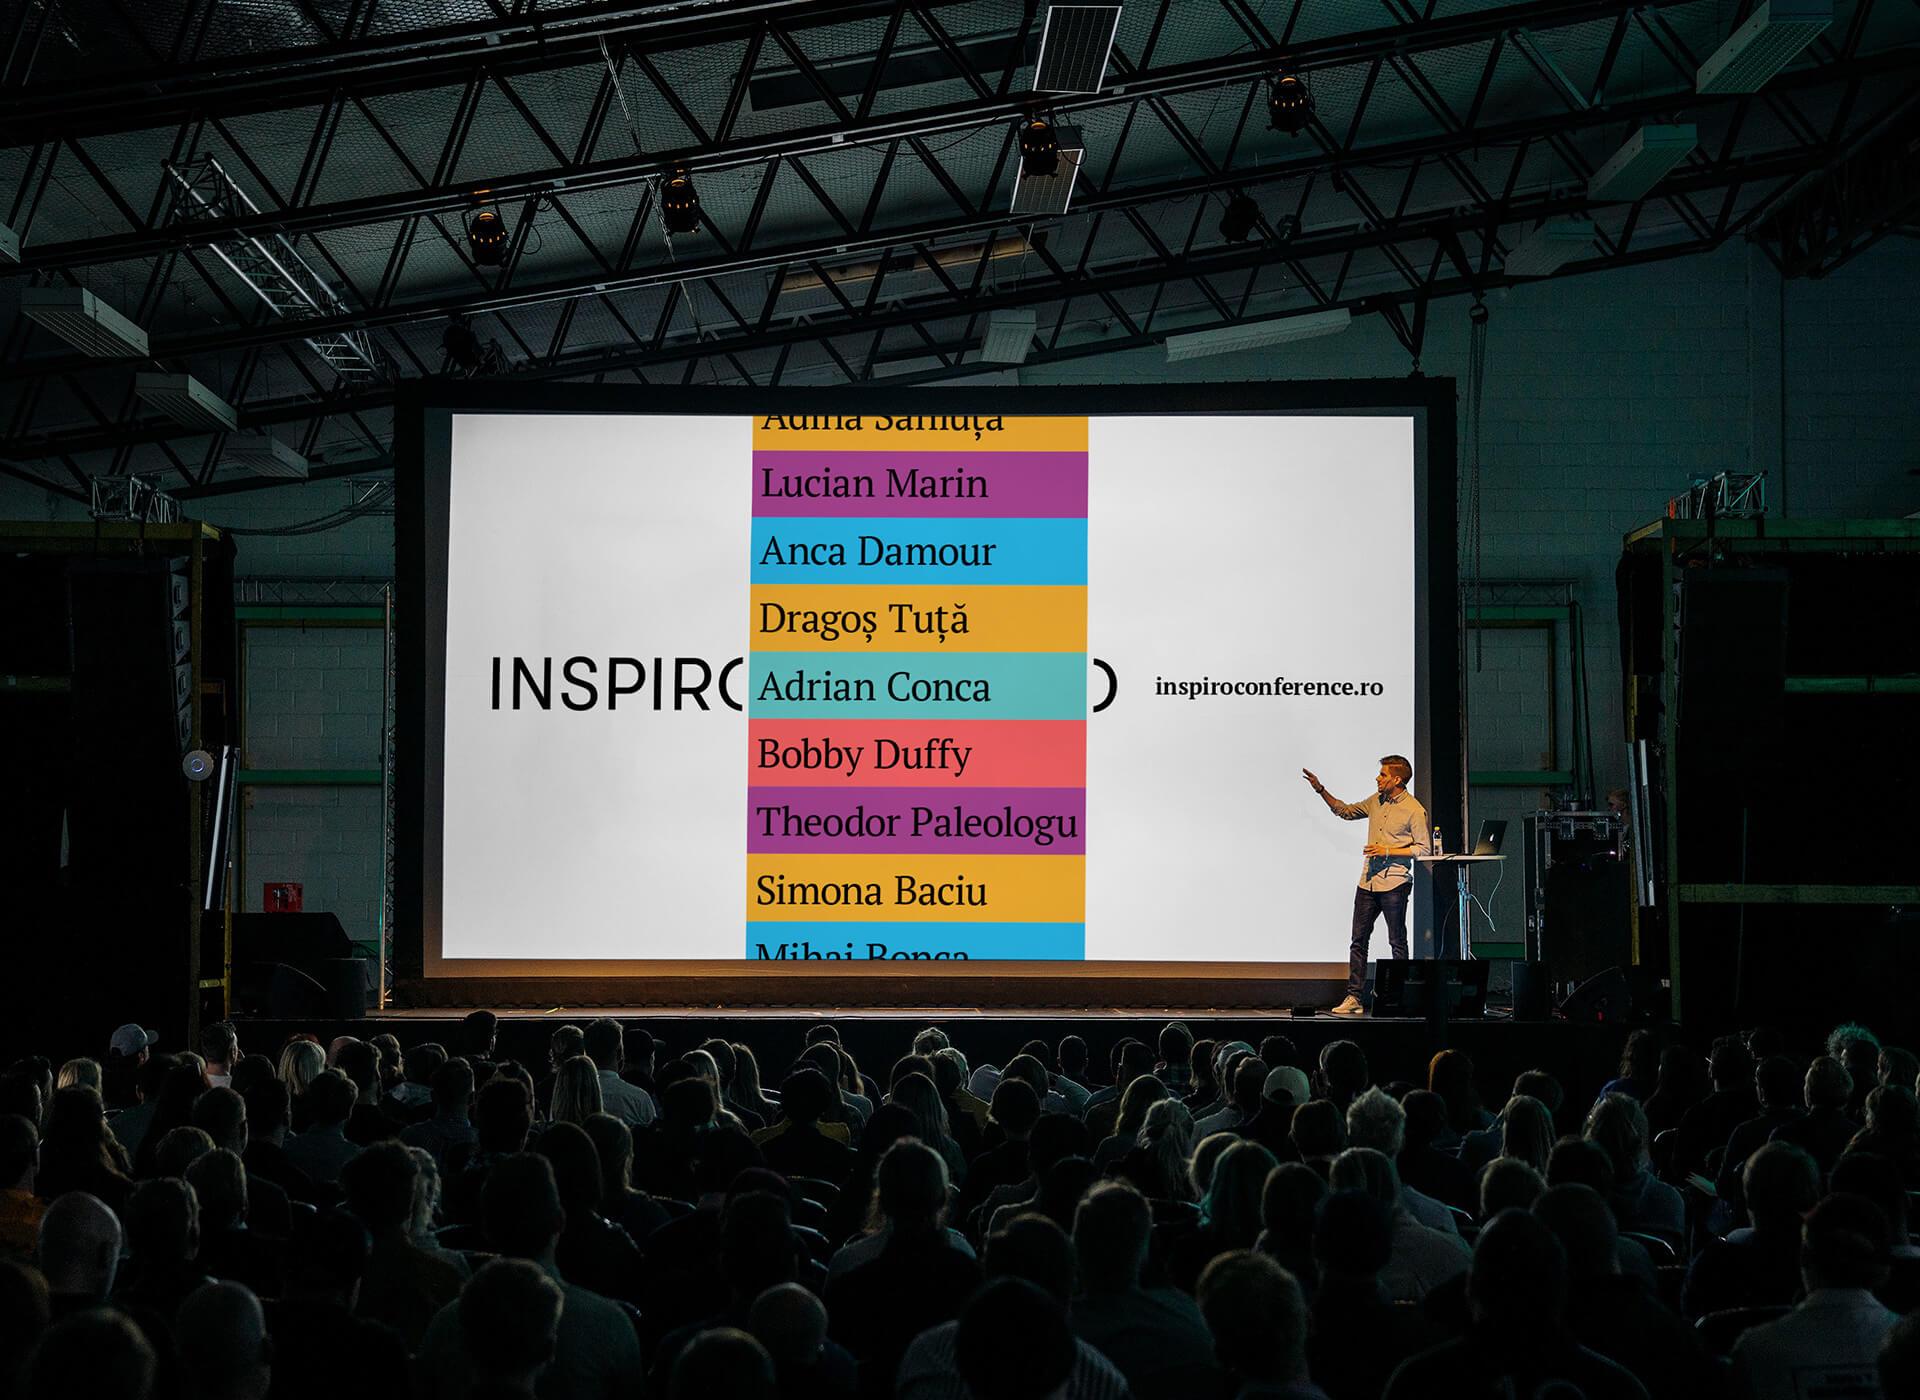 Inspiro portofoliu keynote presentation